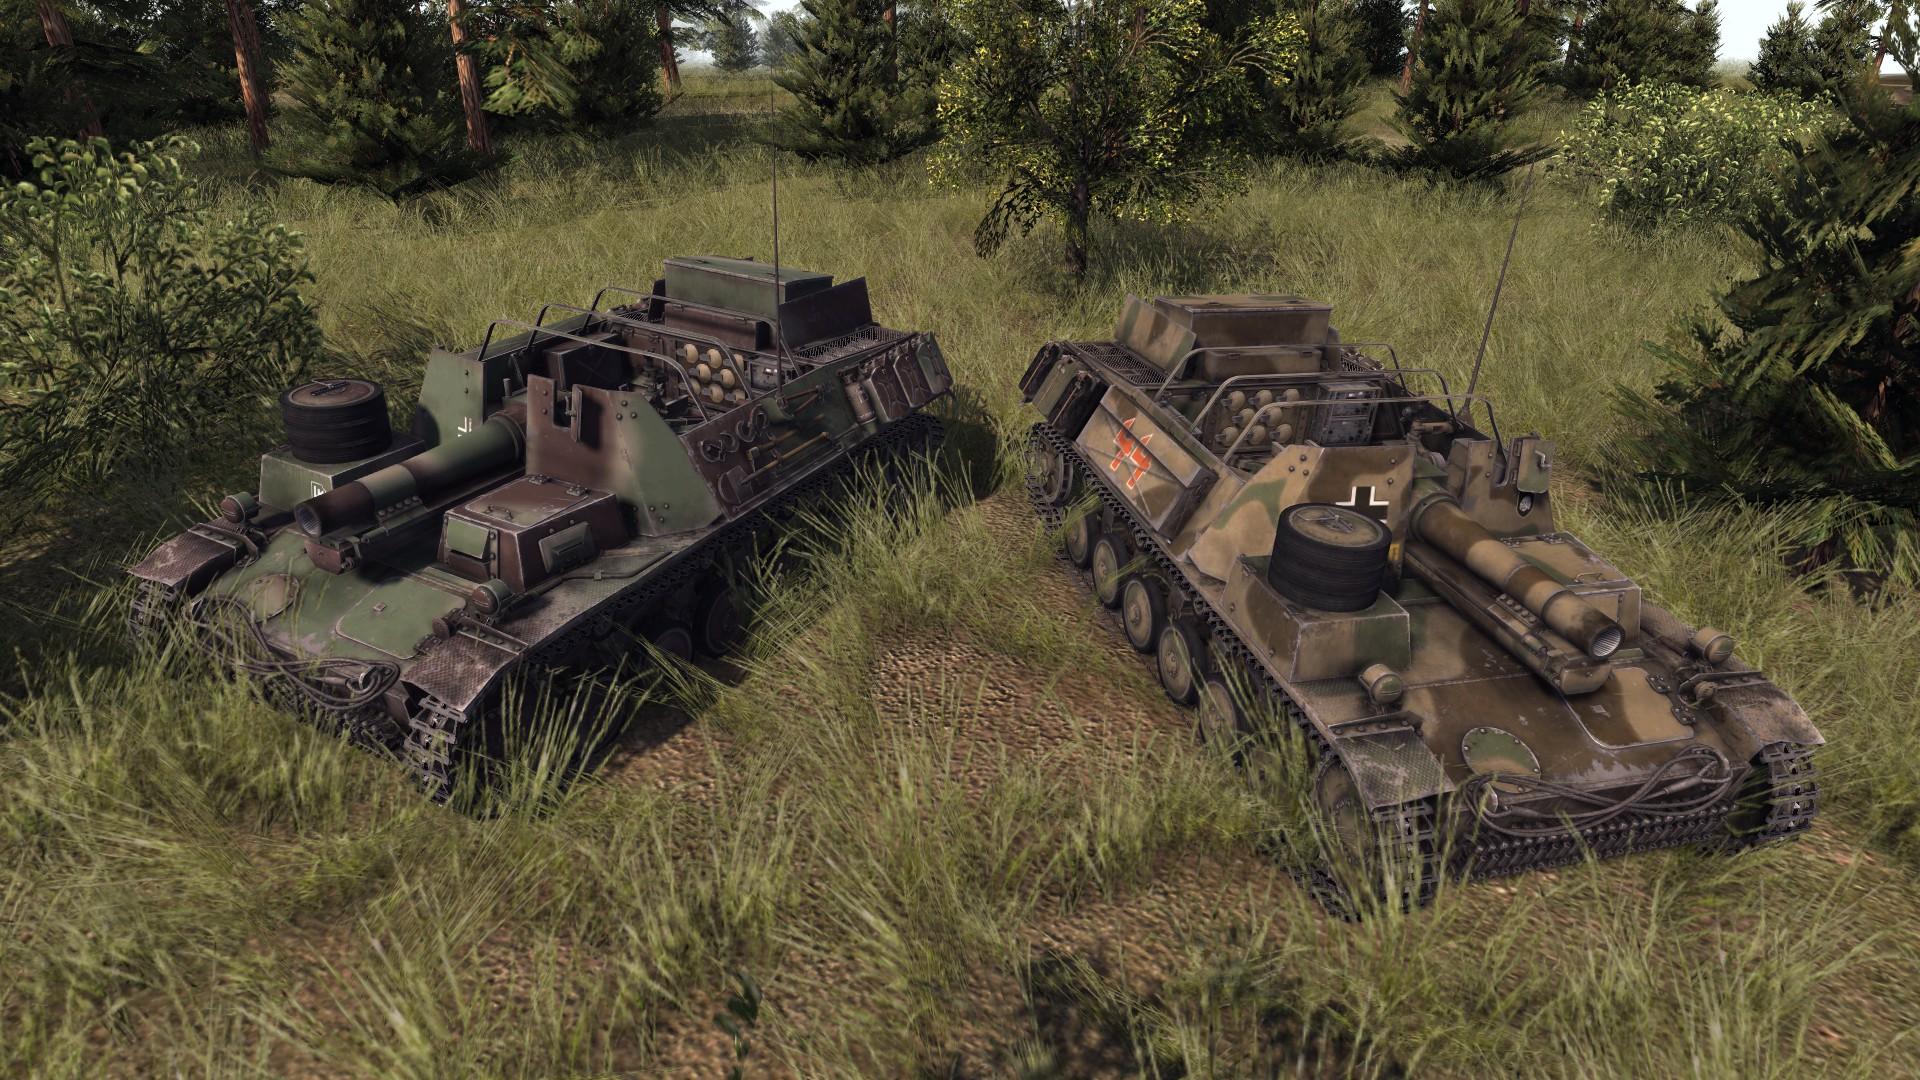 Скачать WT Sturmpanzer Bison2 (AS2 — 3.260.0) — бесплатно